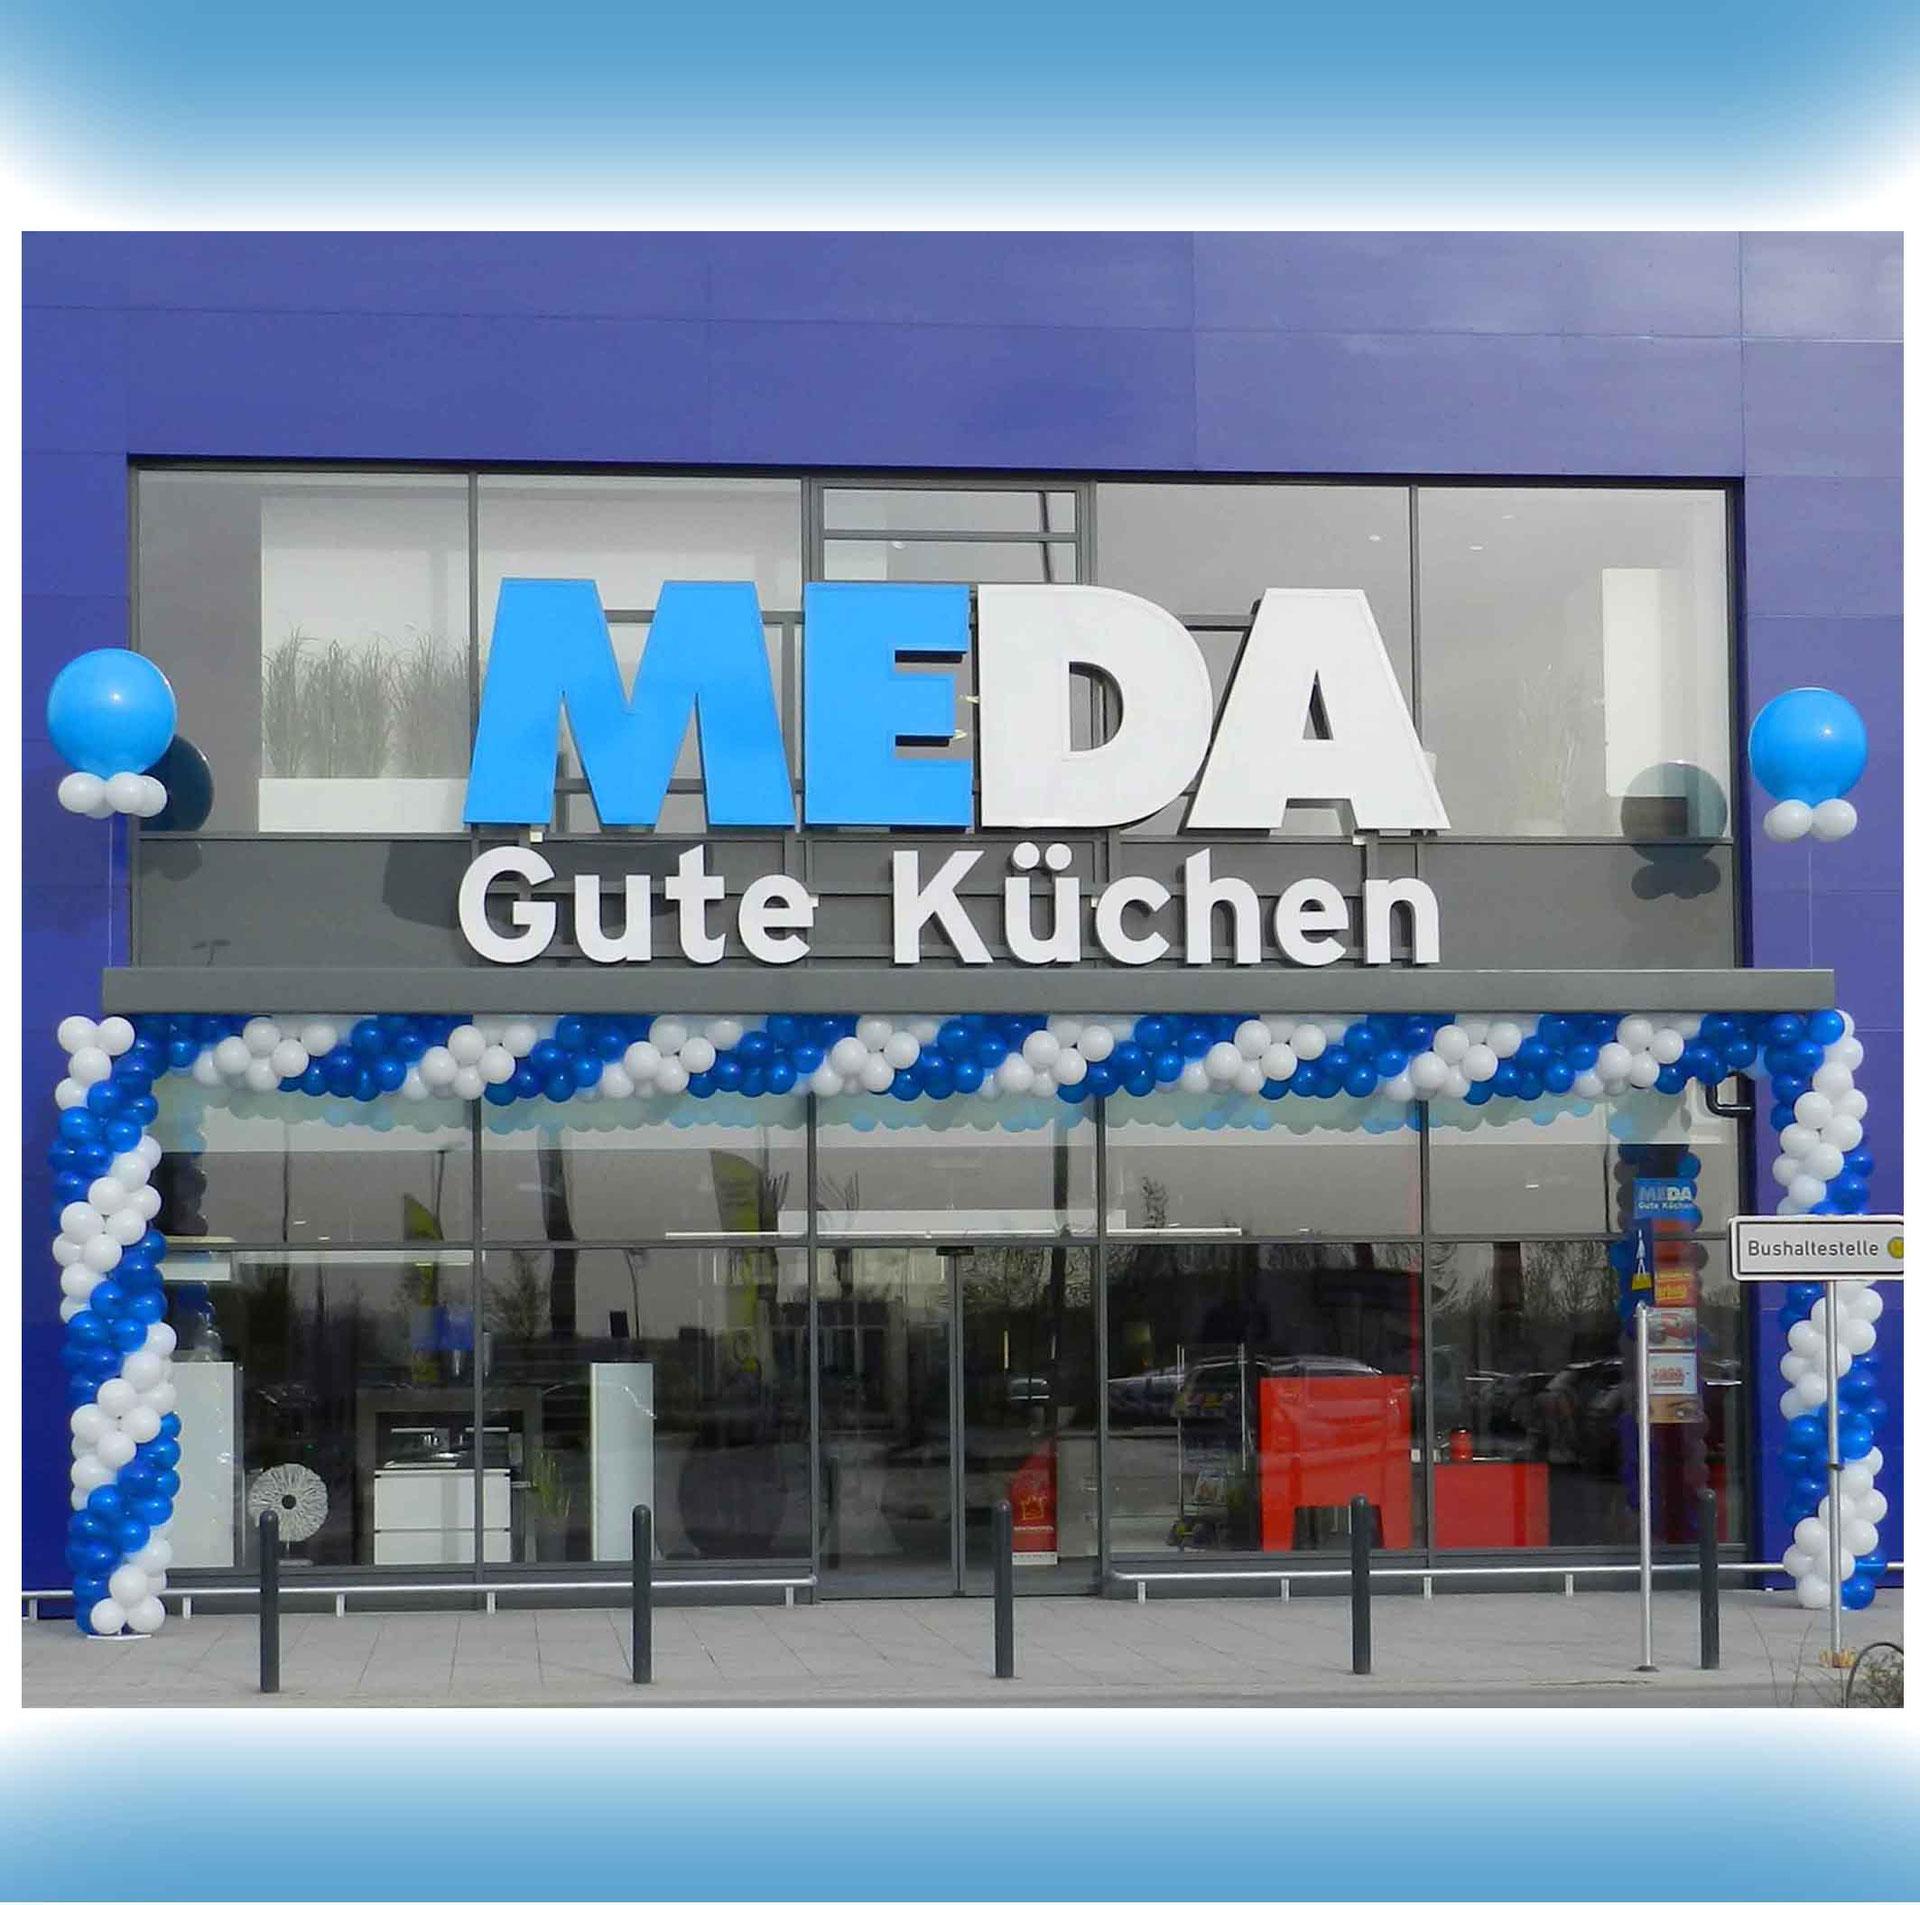 Großzügig Meda Küchen Essen Fotos - Die Schlafzimmerideen - kruloei.info